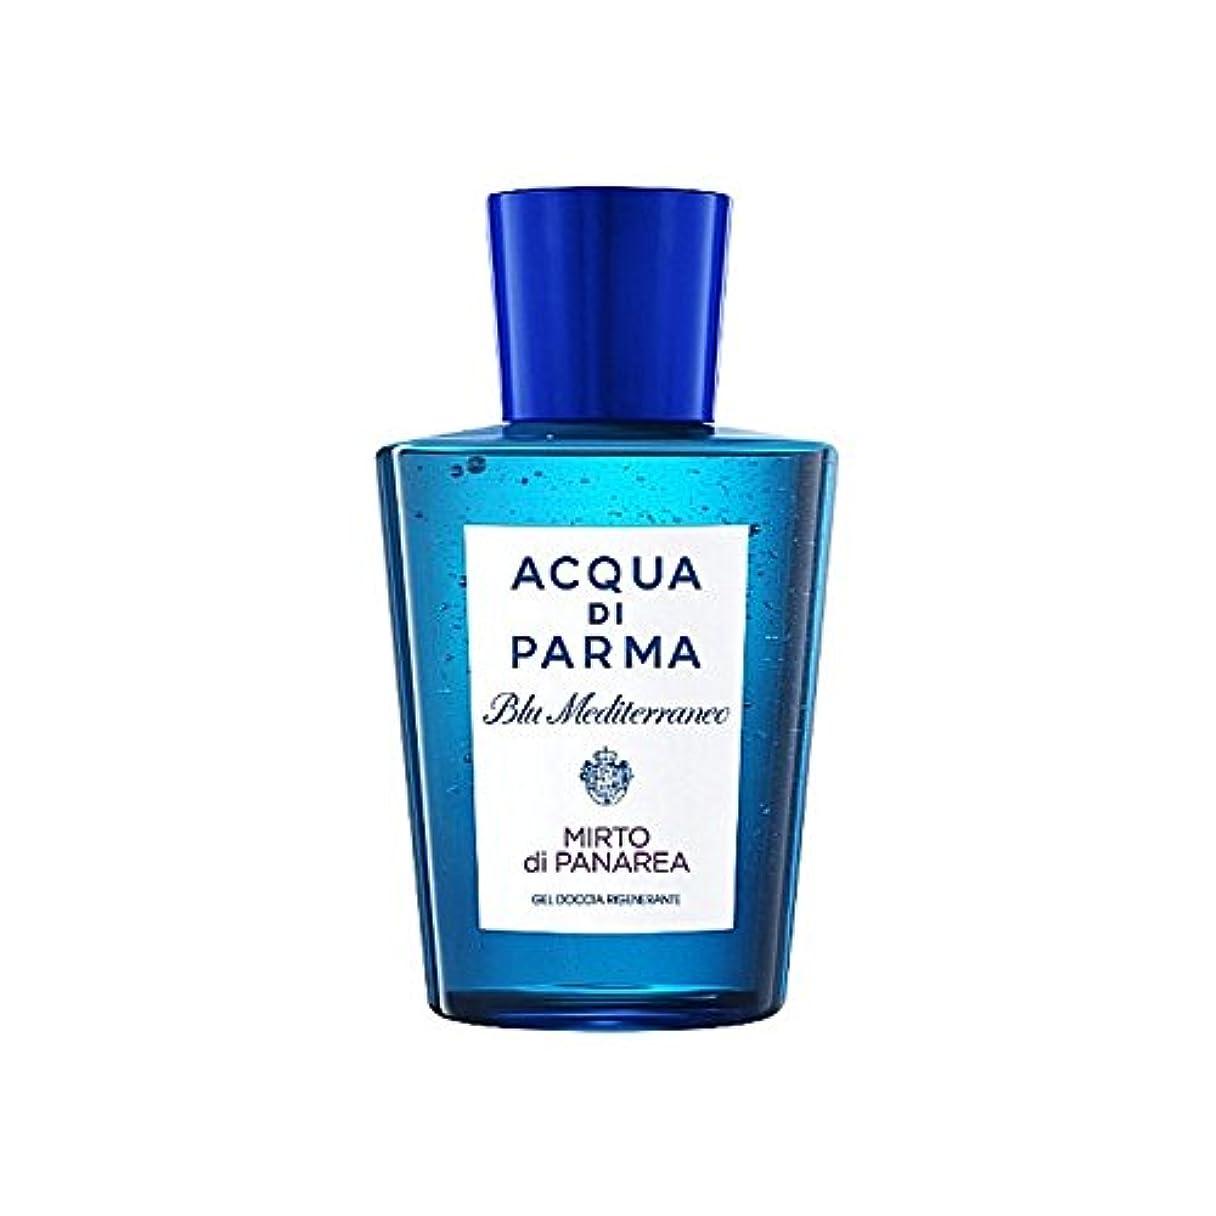 心理的に強いのヒープAcqua Di Parma Blu Mediterraneo Mirto Di Panarea Shower Gel 200ml - アクアディパルマブルーメディミルトディパナレアシャワージェル200 [並行輸入品]